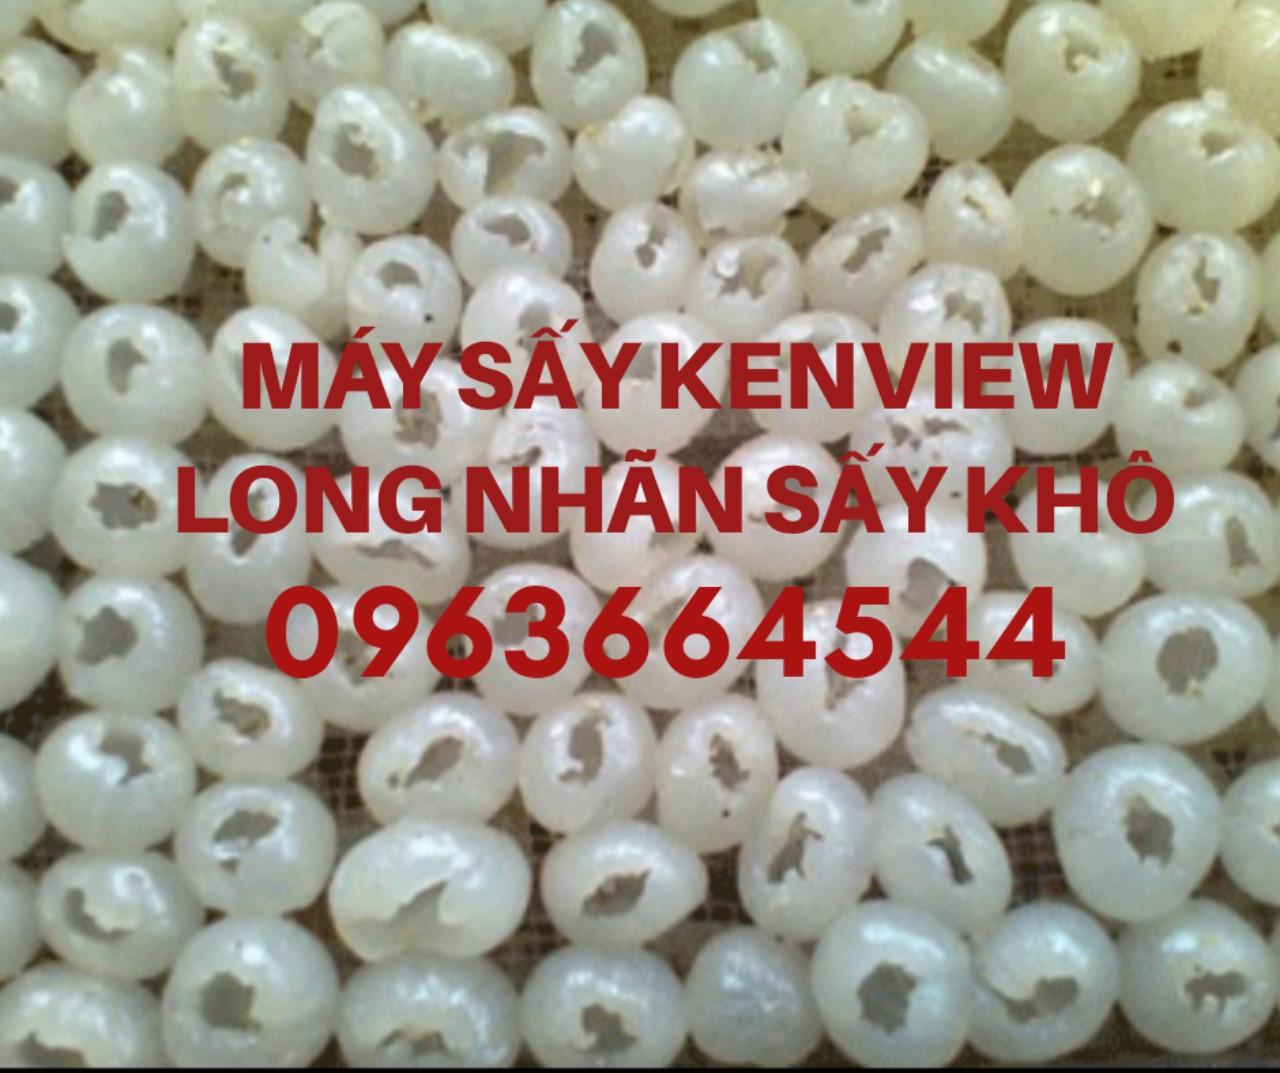 Long nhãn sấy khô - Máy sấy long nhãn công nghiệp 0963664544